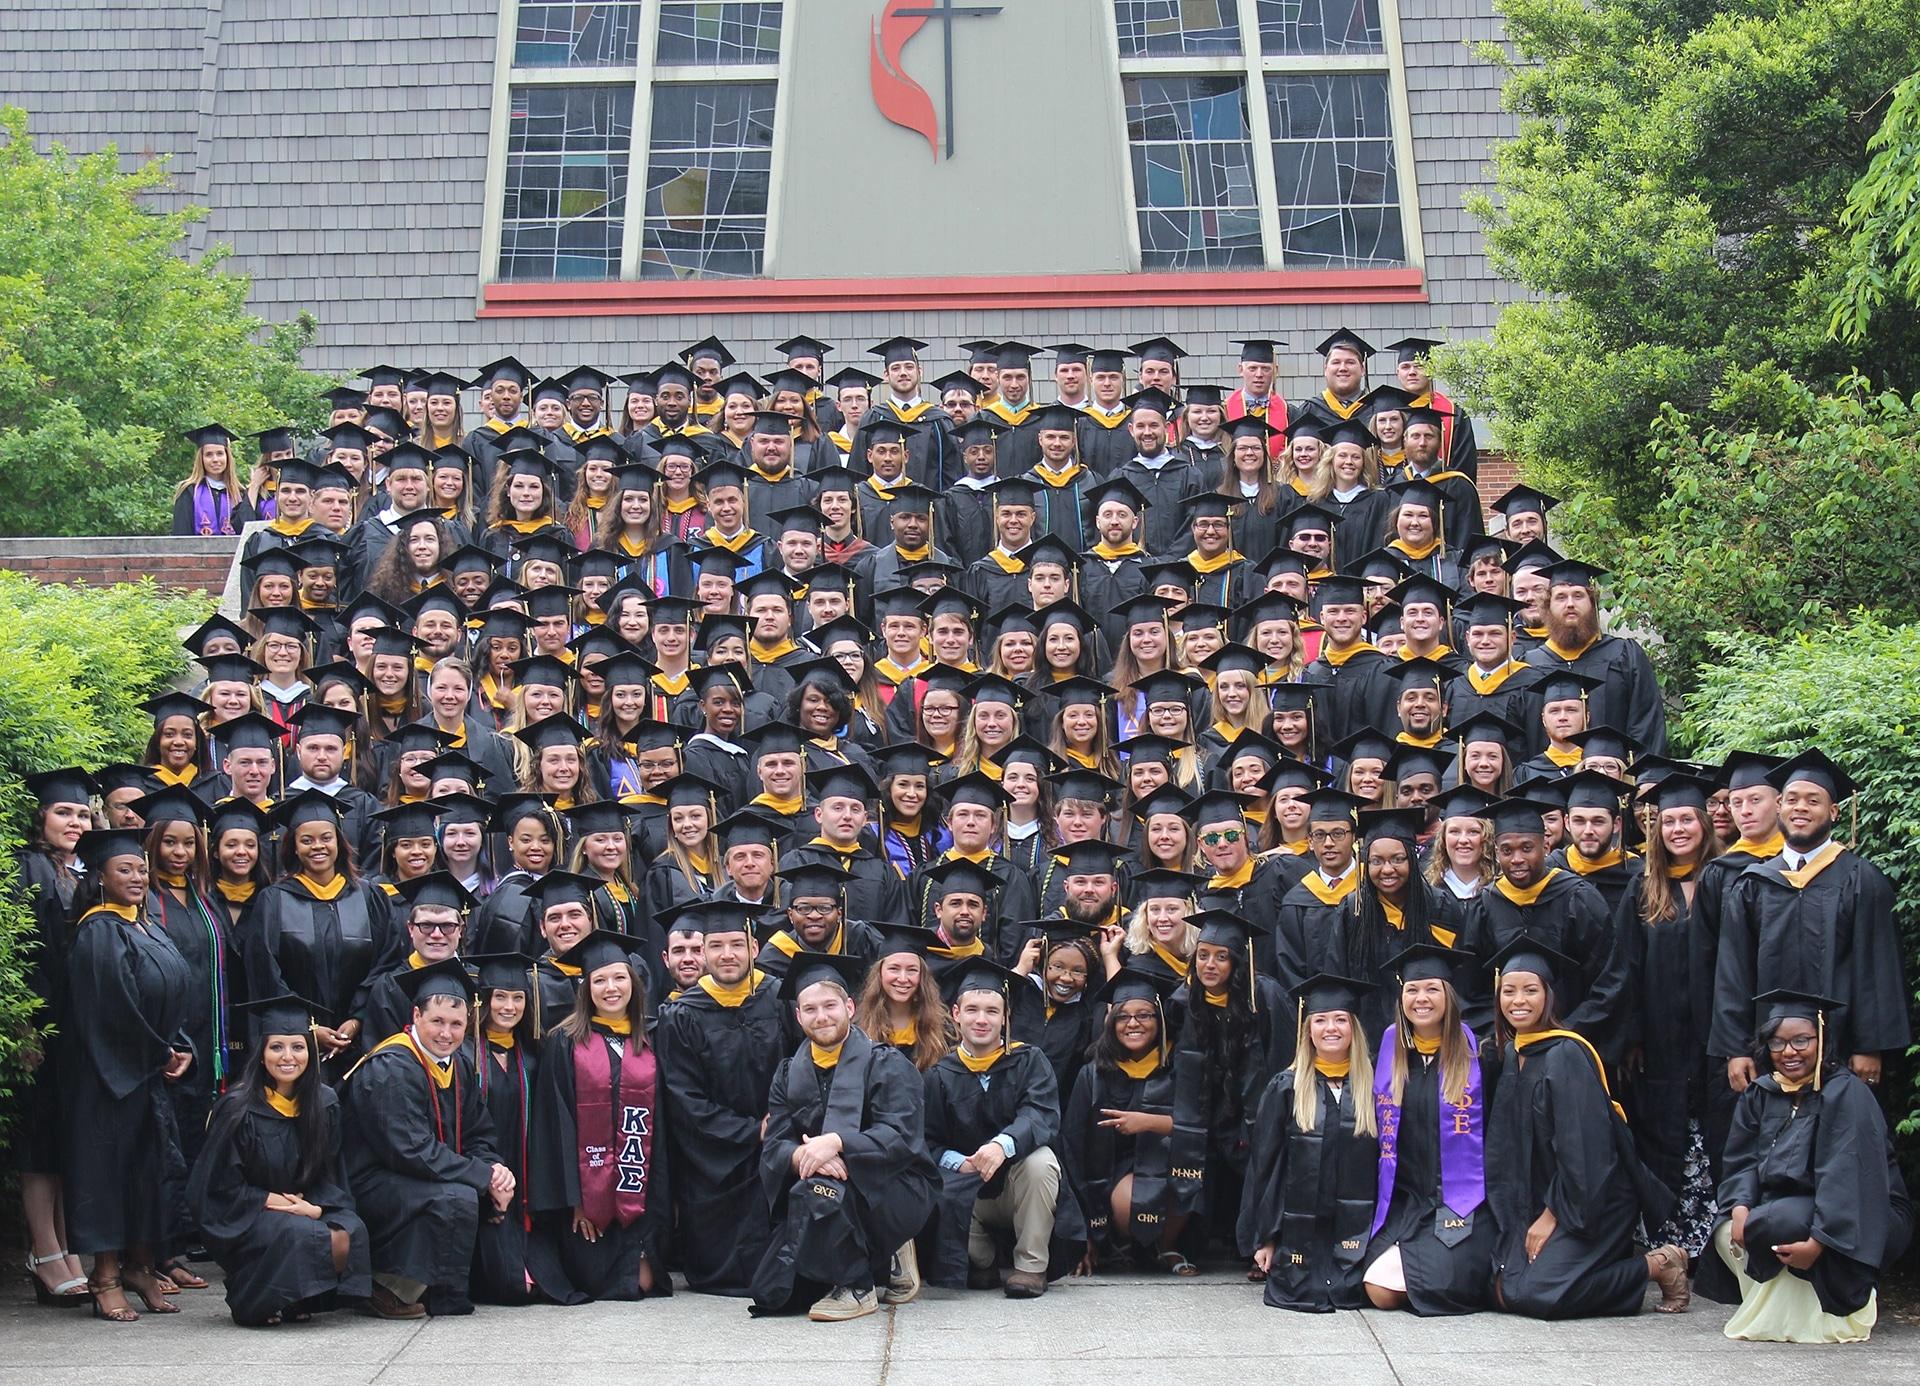 Ferrum College 2017 Graduates